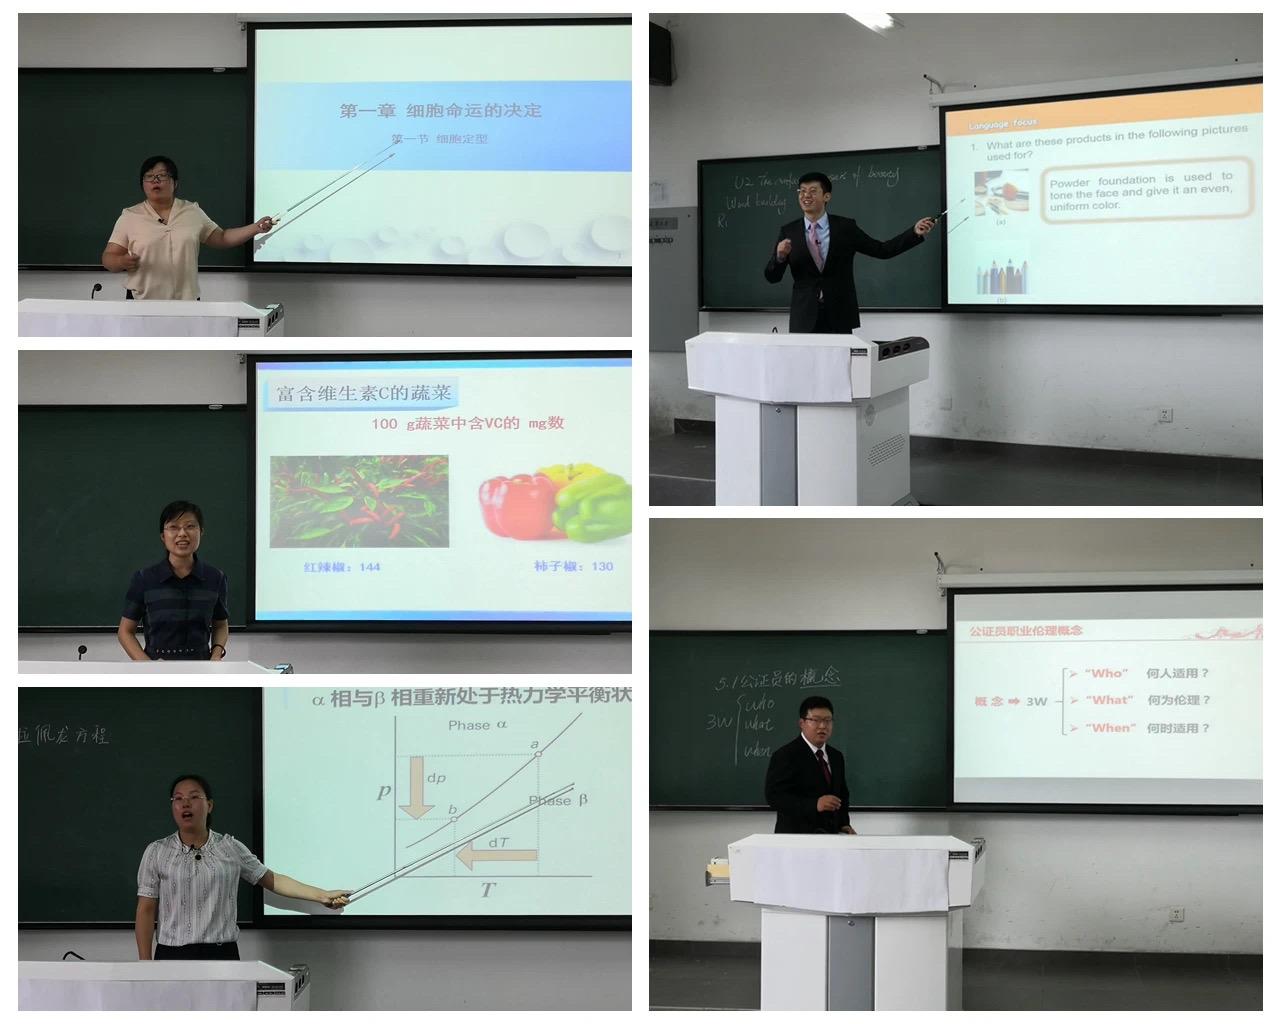 我校青年教师参加天津市第十五届高校青年教师教学竞赛-天津大学新闻网